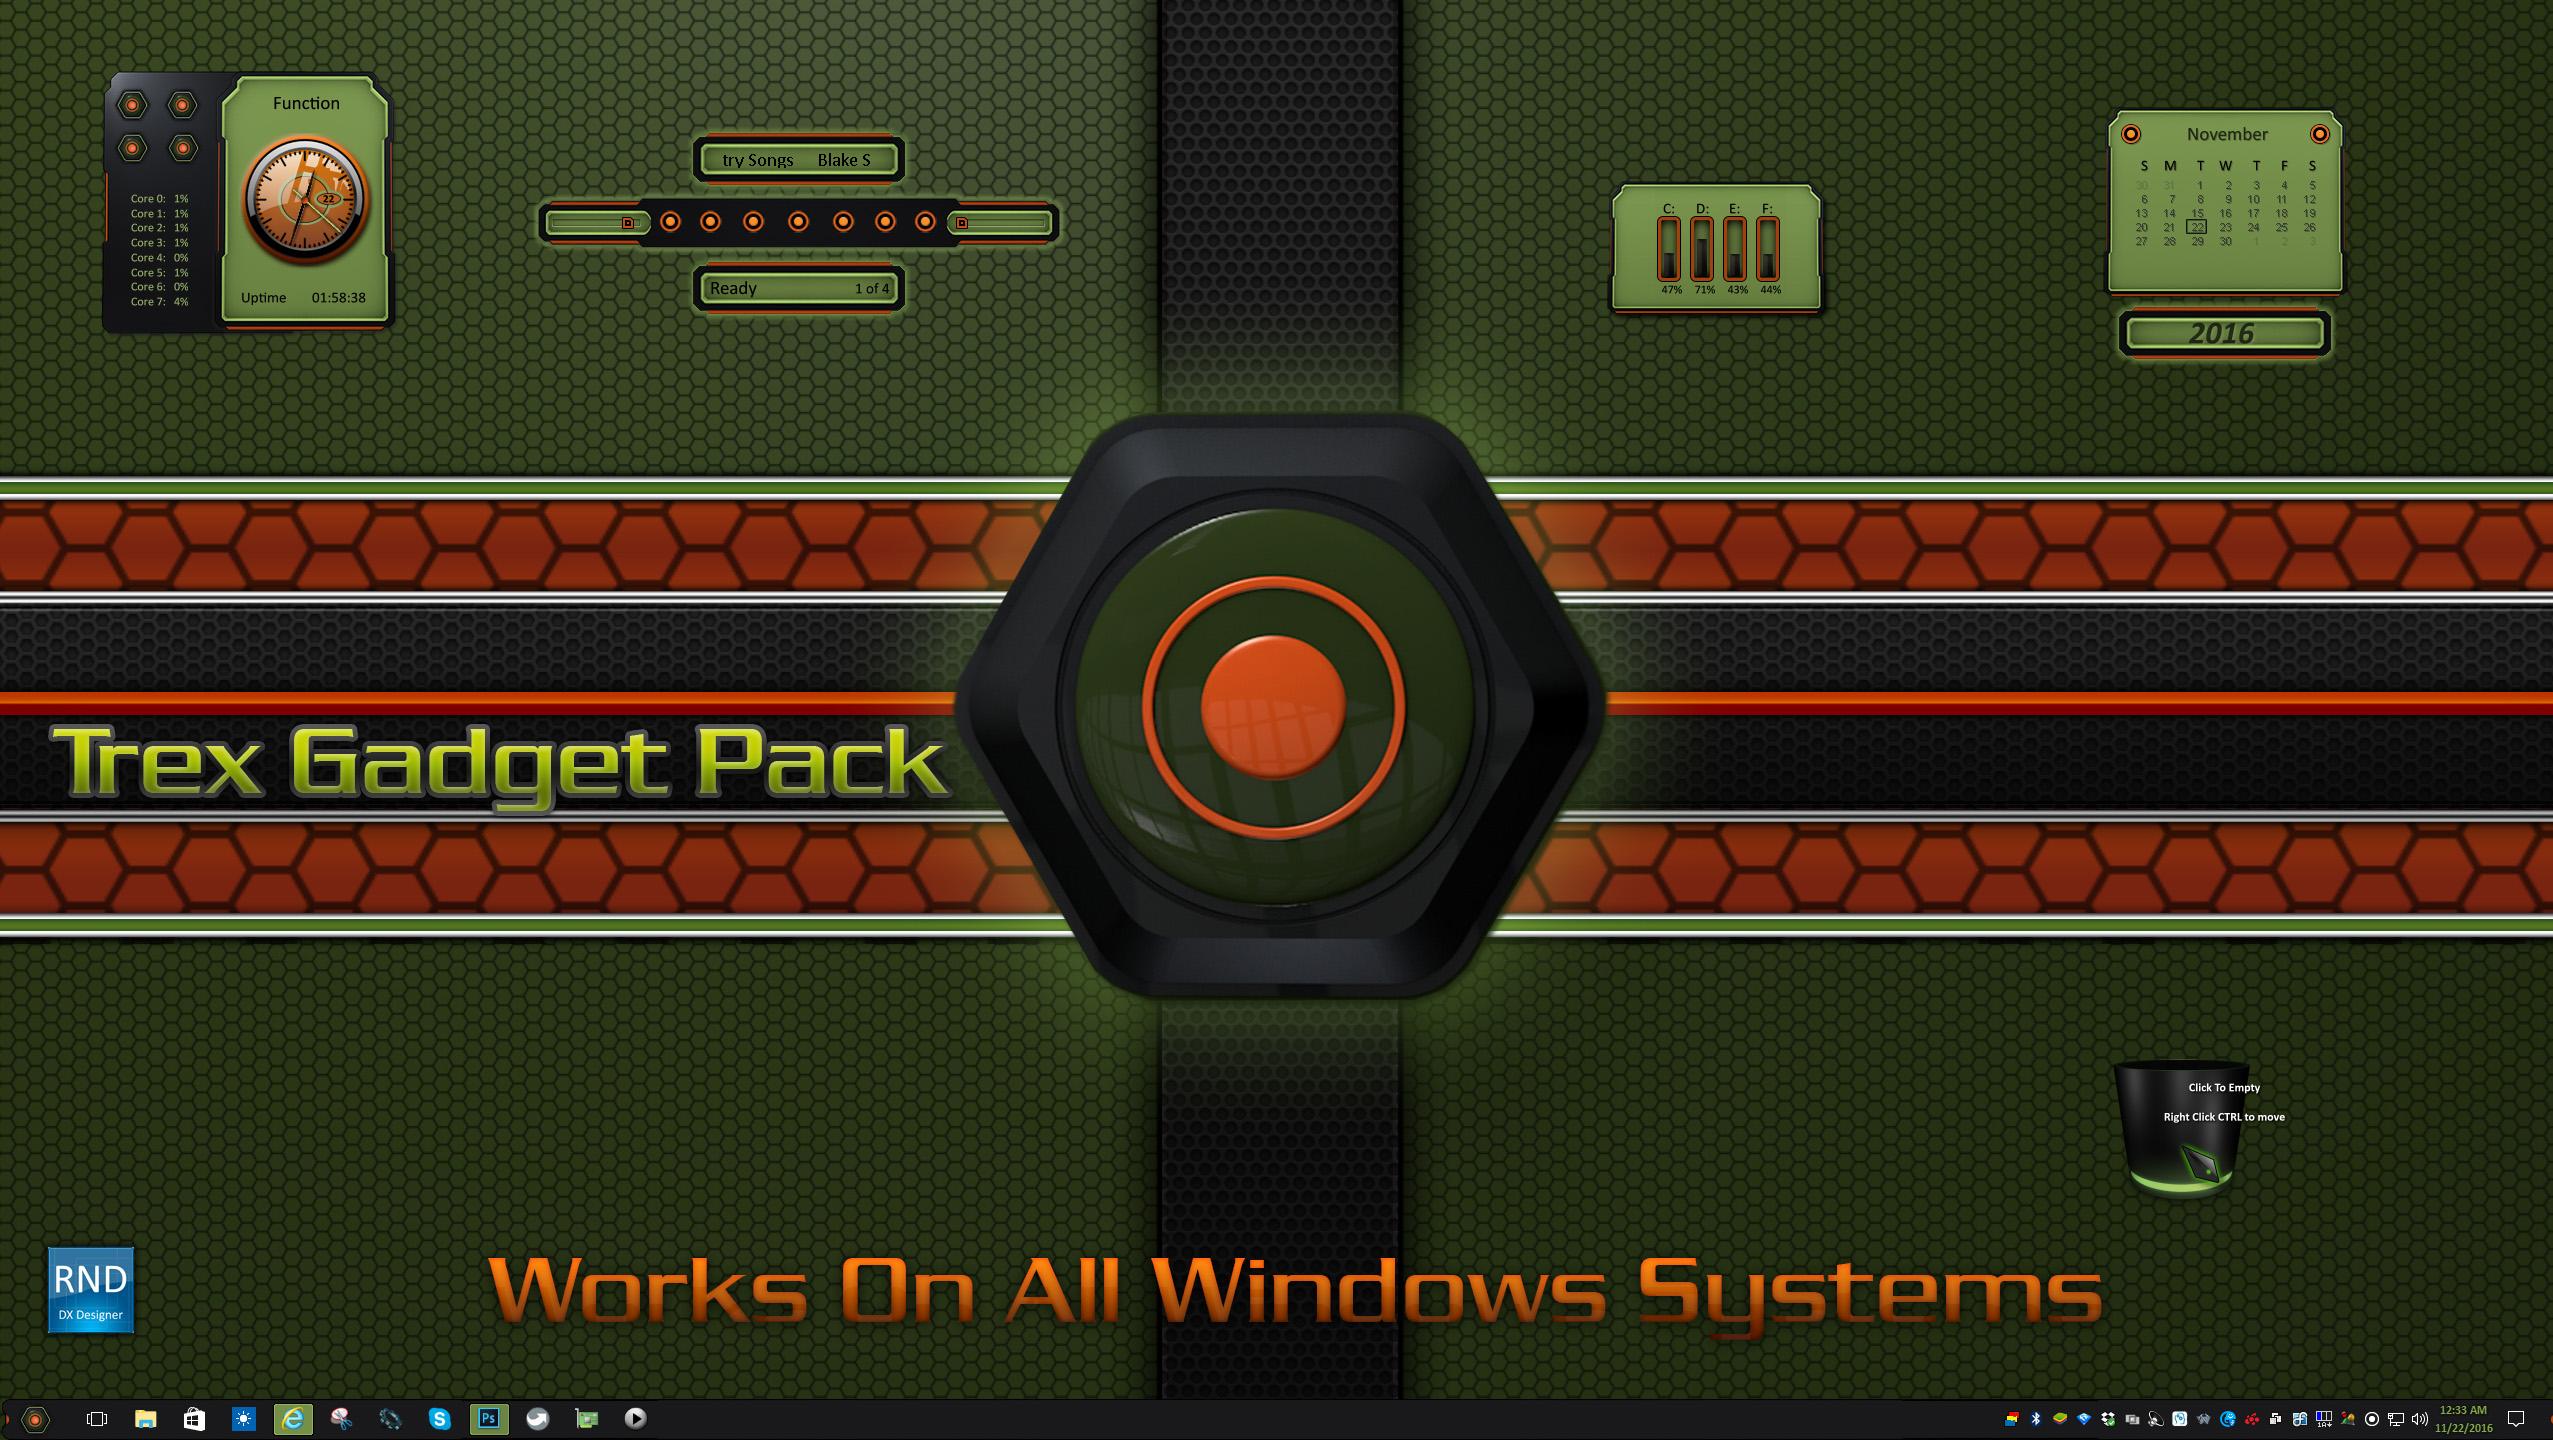 Trex Gadget Pack